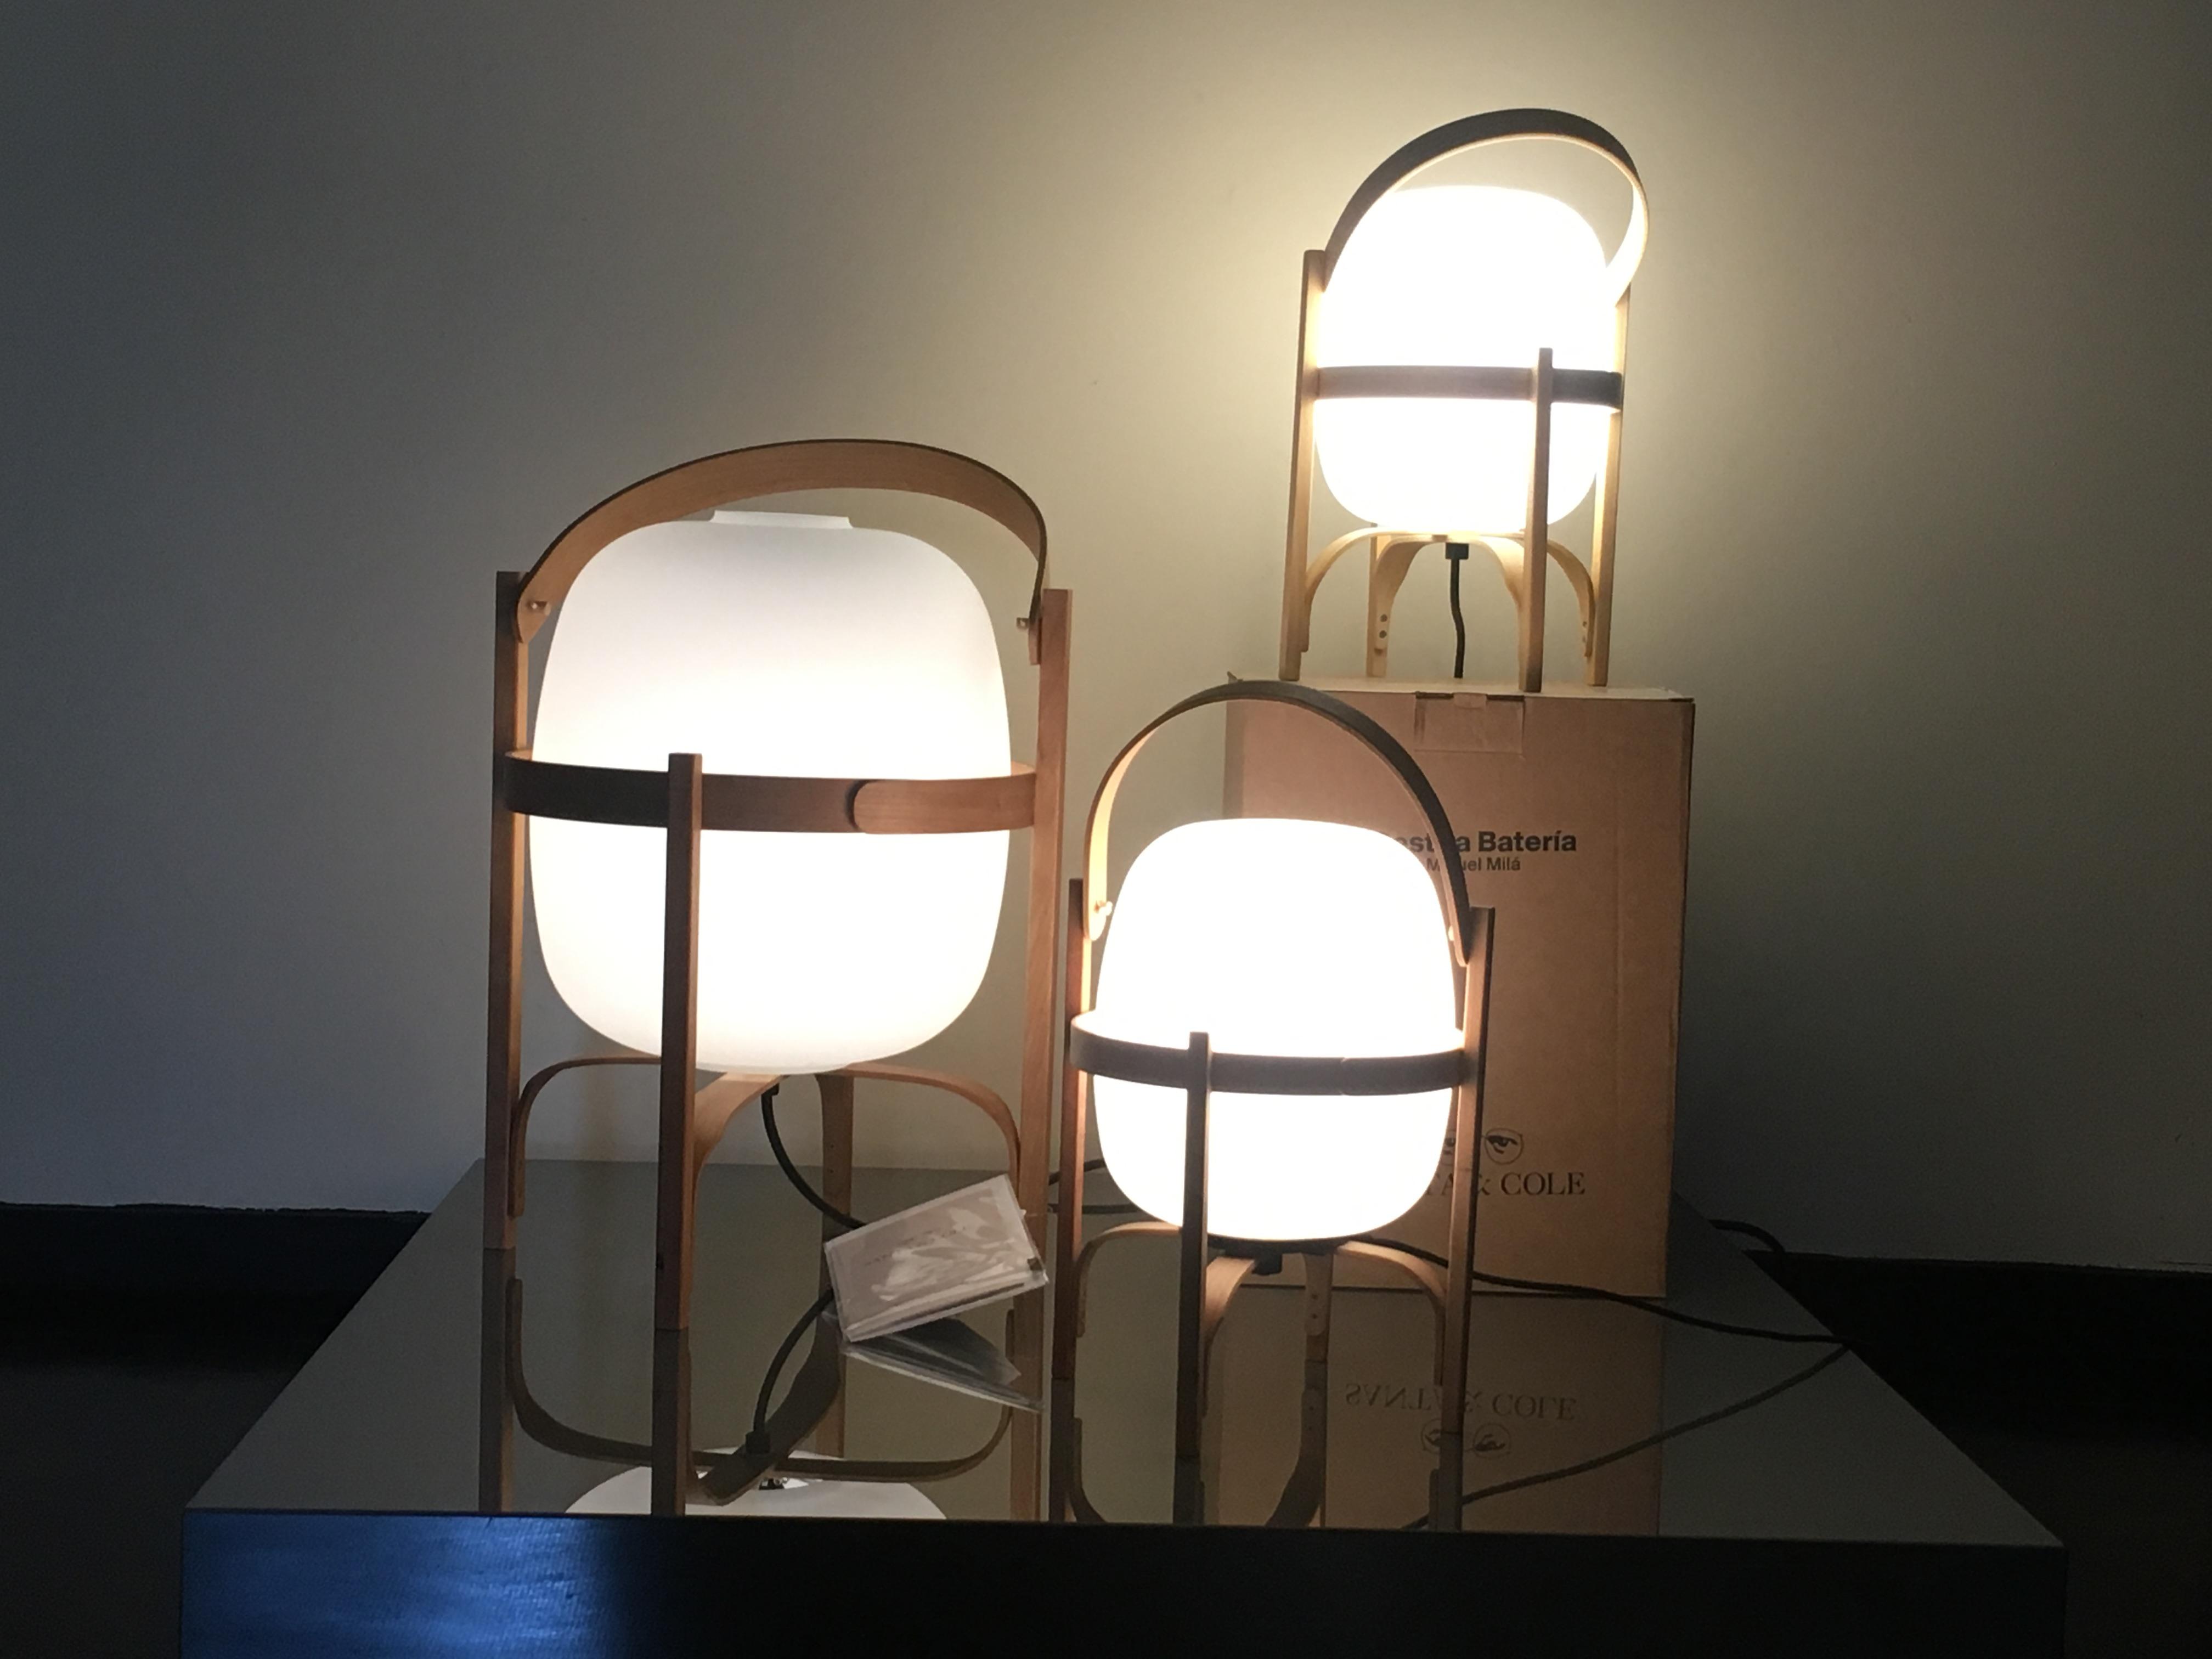 Comprar lámpara Cestita buen precio